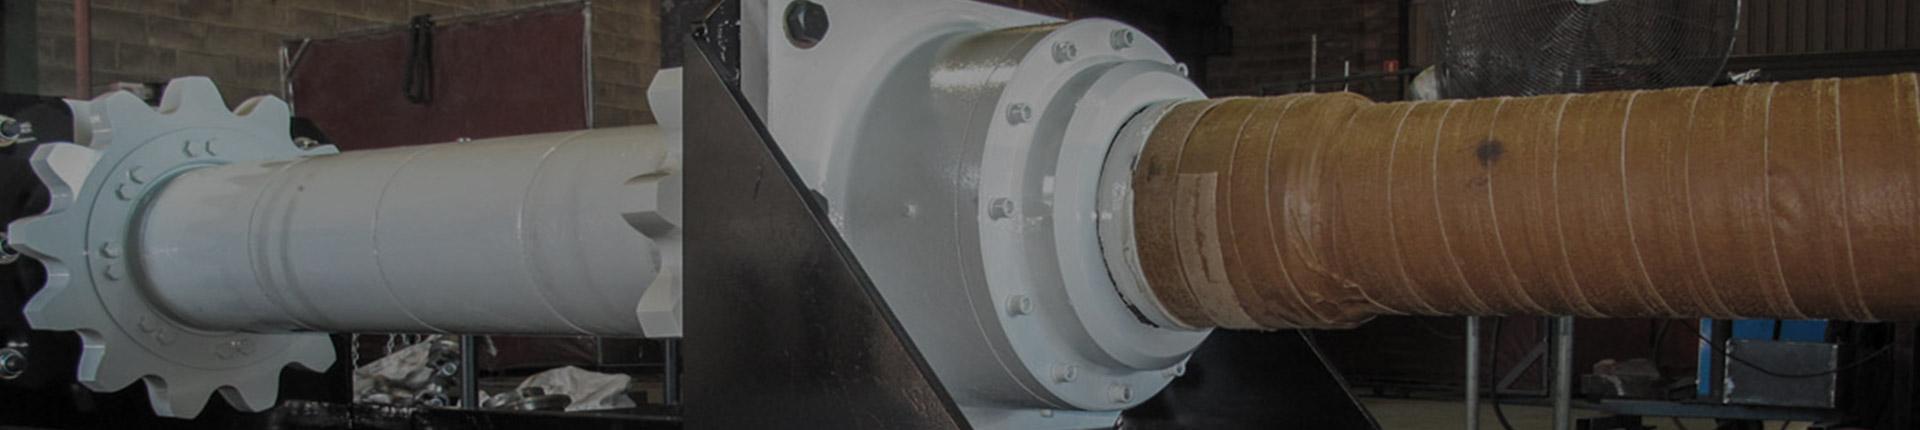 Manual Machining - Werner Engineering Mackay